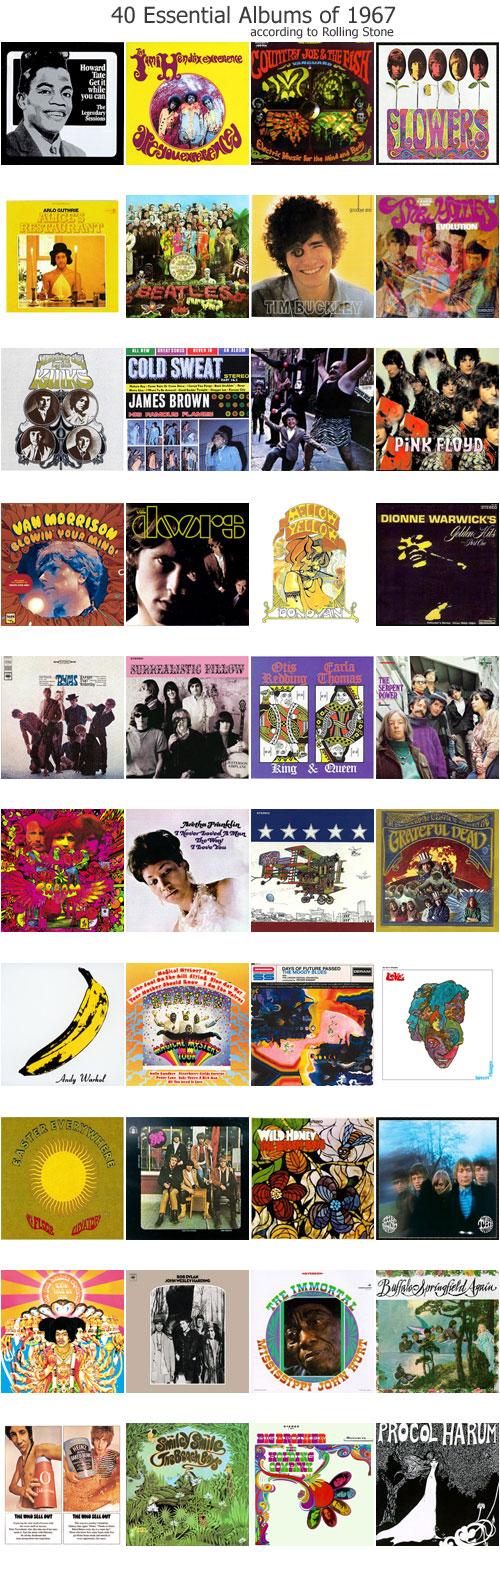 2007.07.08 40 Essential Albums